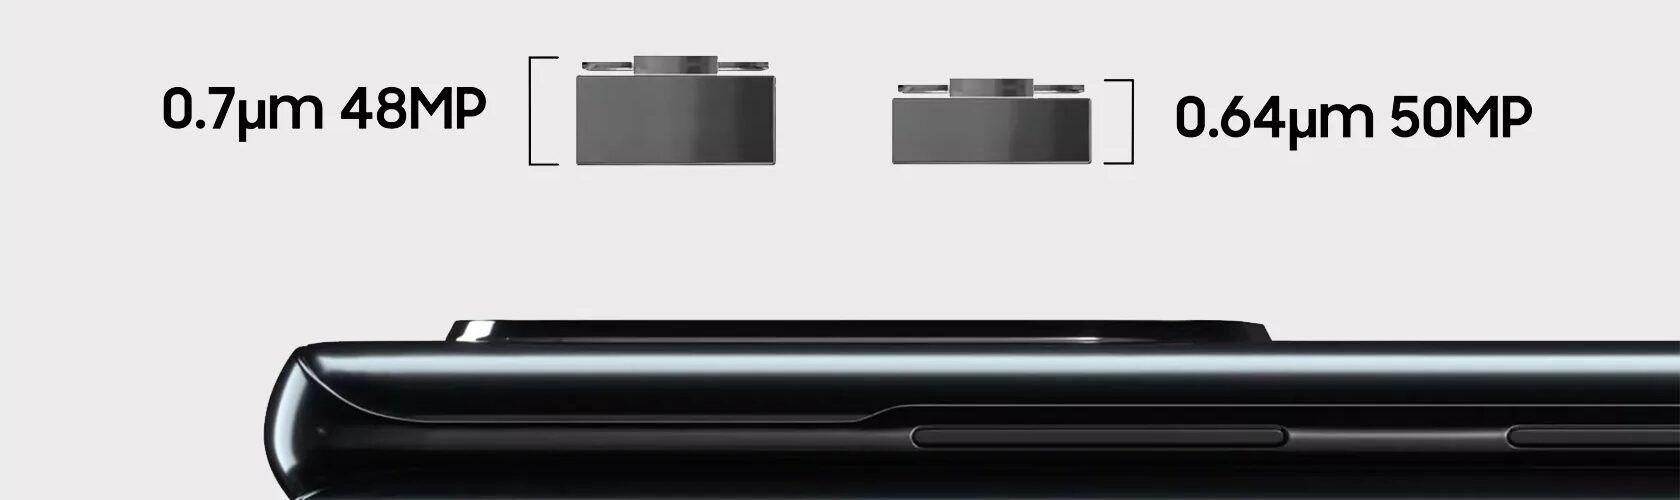 Новият 50 МР сензор на Samsung ще реши проблема с показващите се извън корпуса на смартфона камери